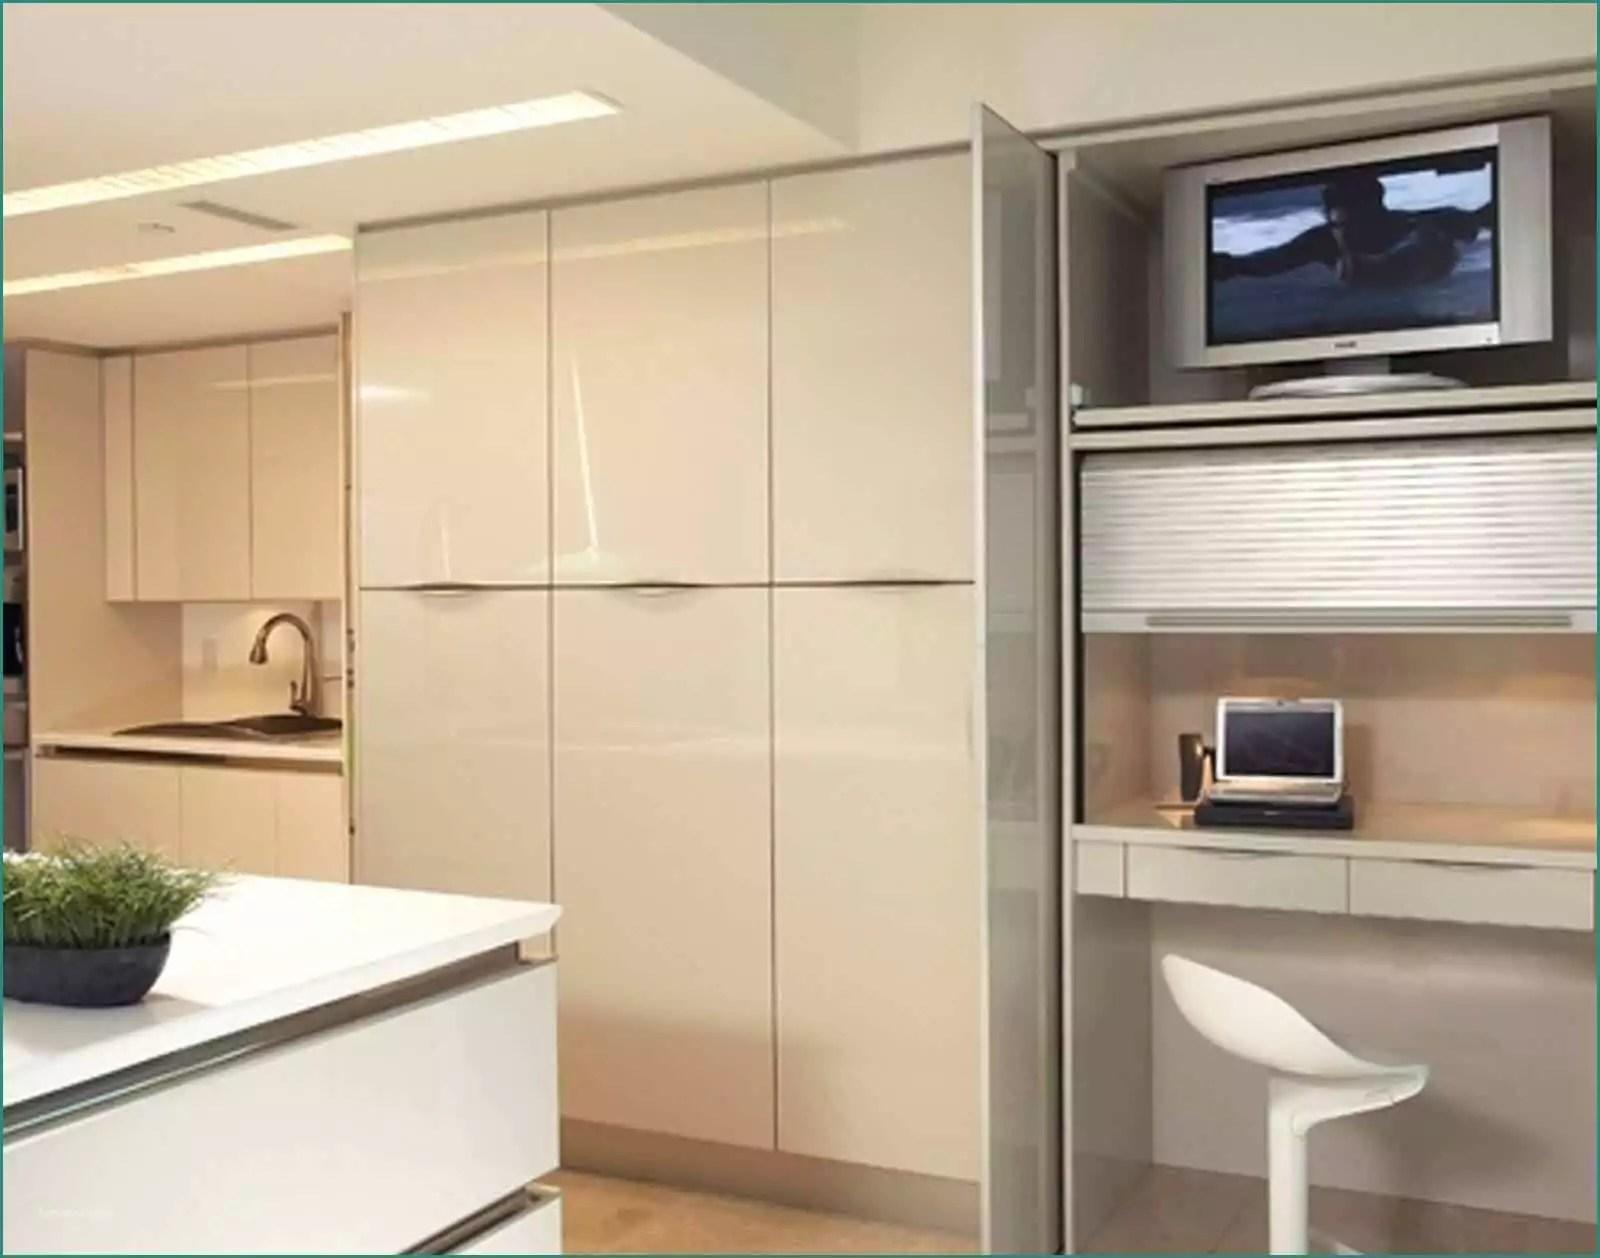 Lavagna Adesiva Ikea E Cucina A Isola Ikea Gallery Set